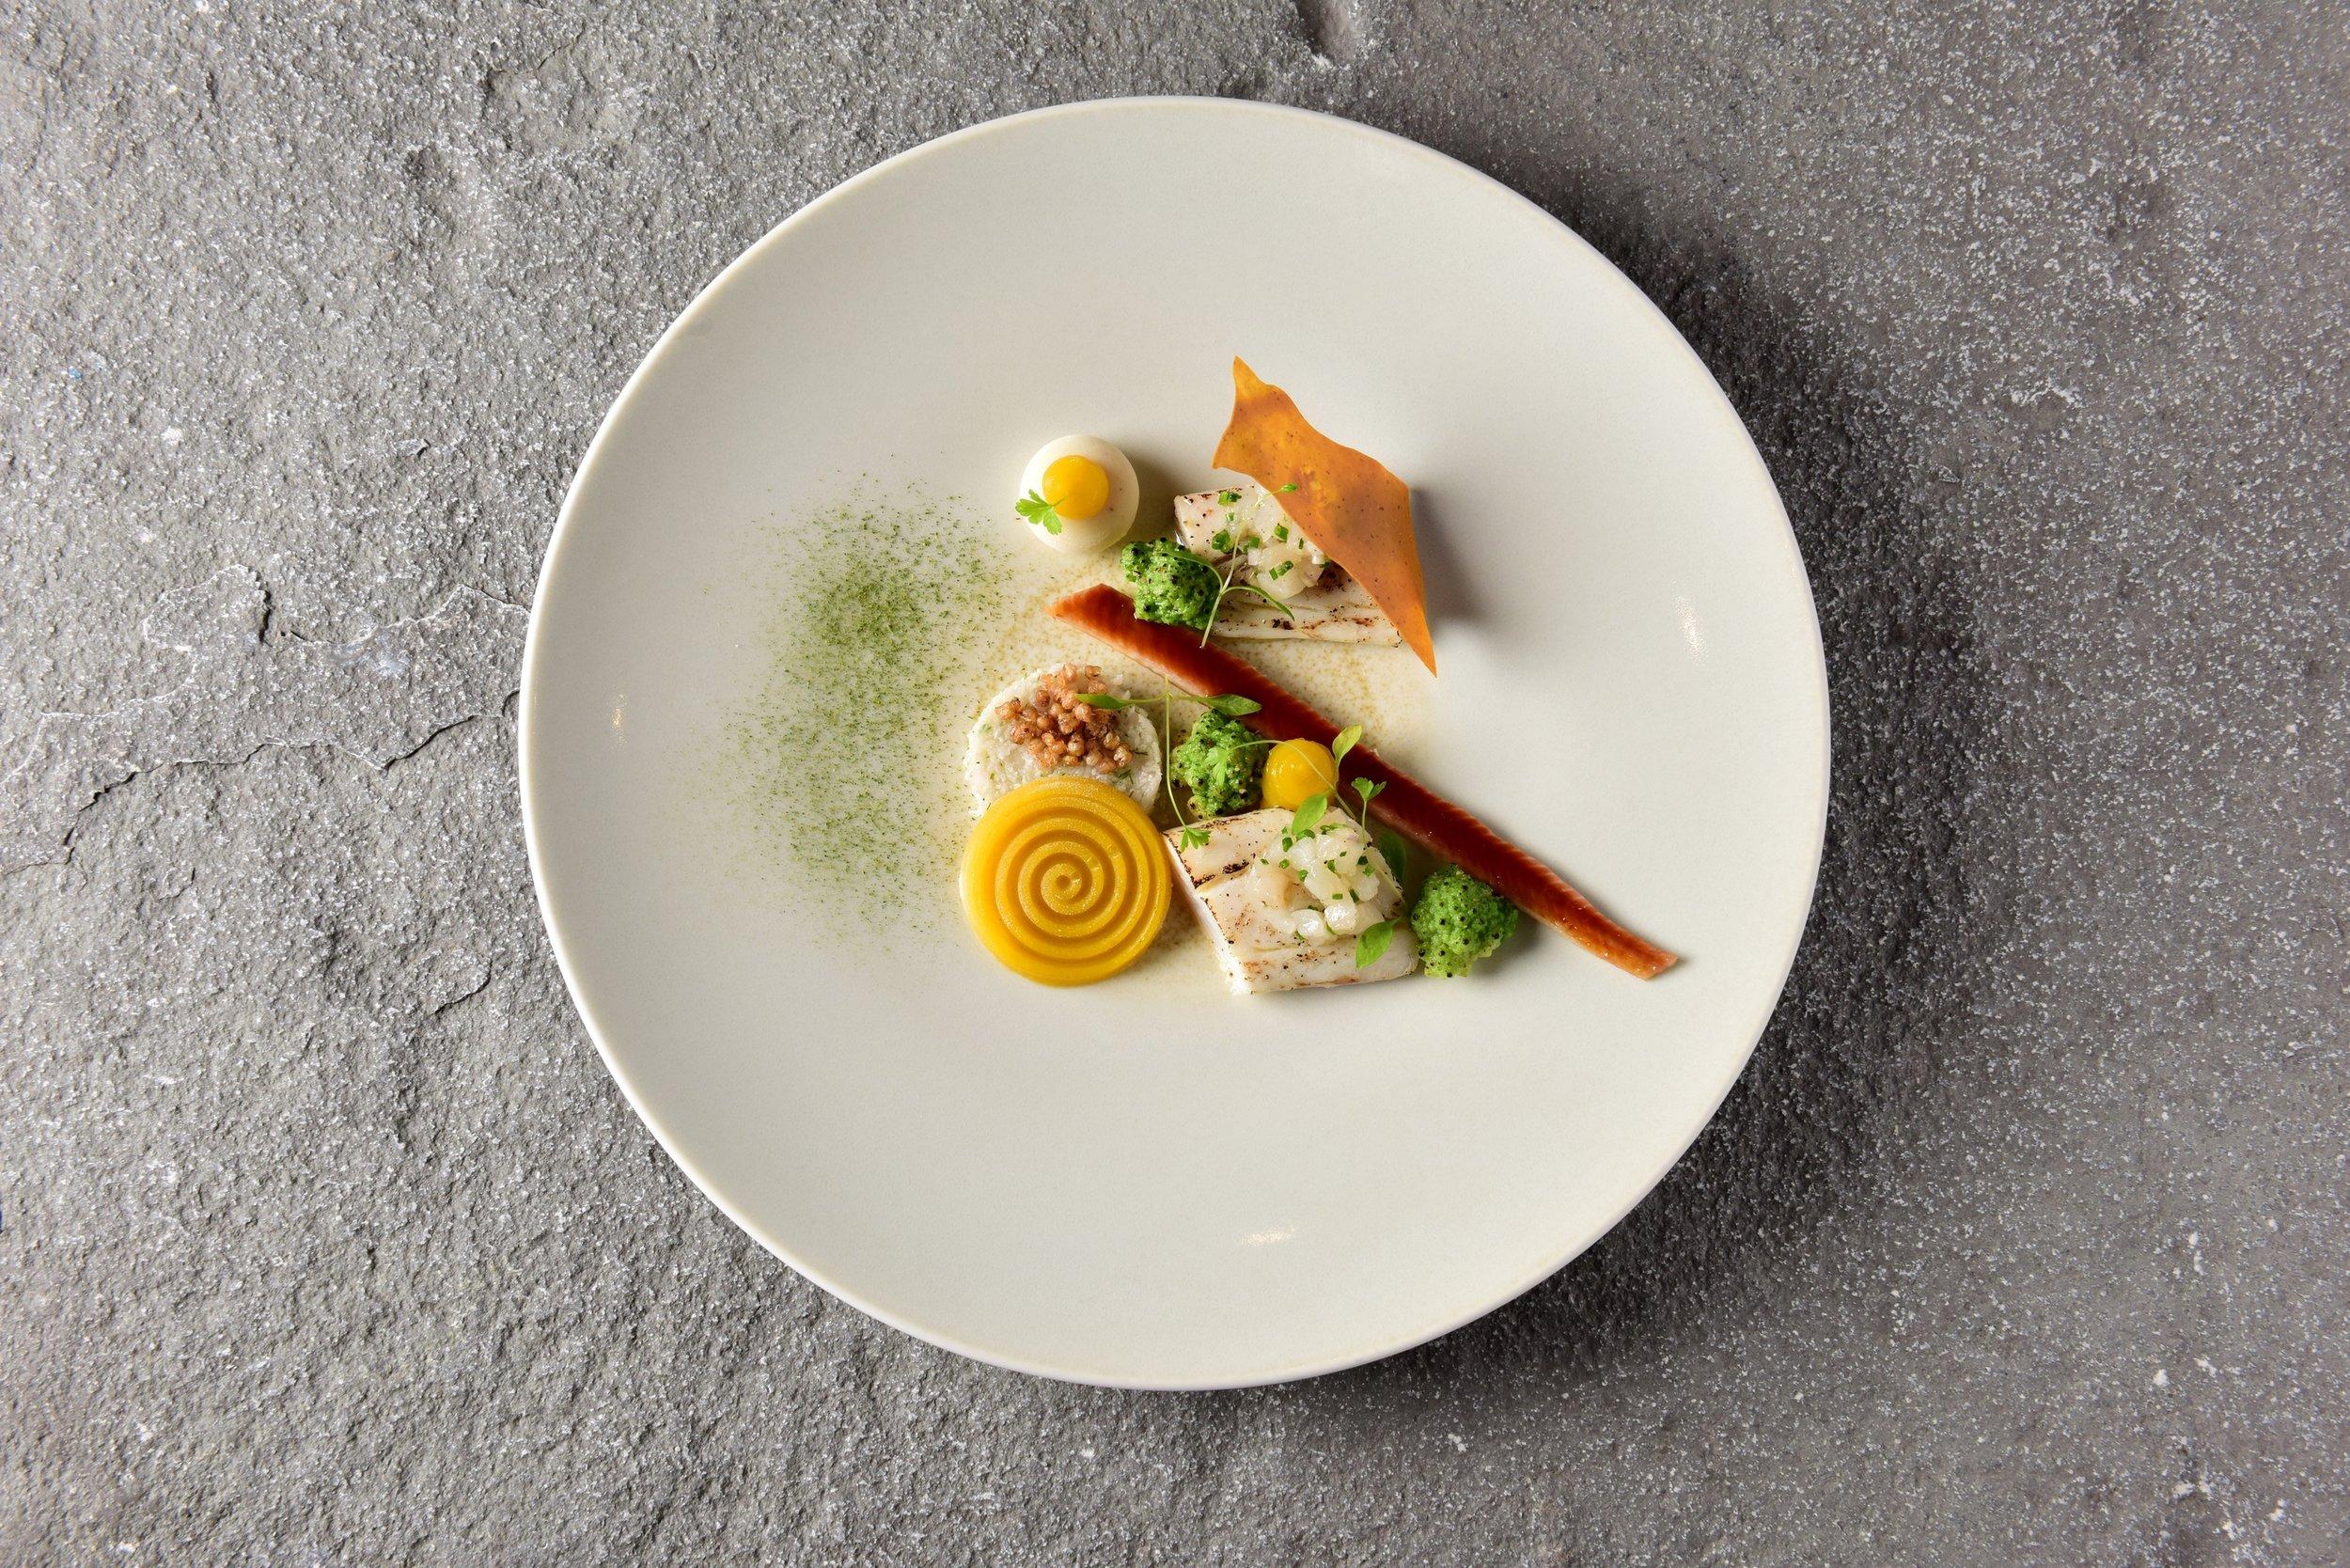 7 restaurant de mijlpaal tongeren bart albrecht culinair food fotograaf tablefever.jpg